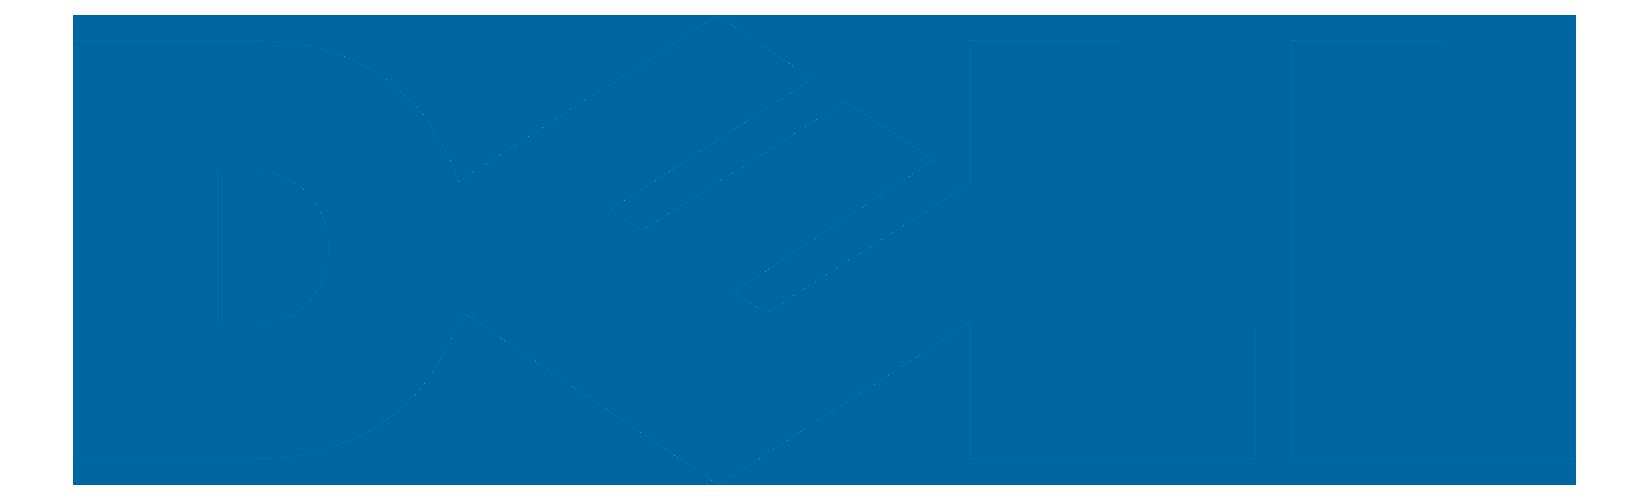 Advisory Consultant SAP Basis HANA Manager